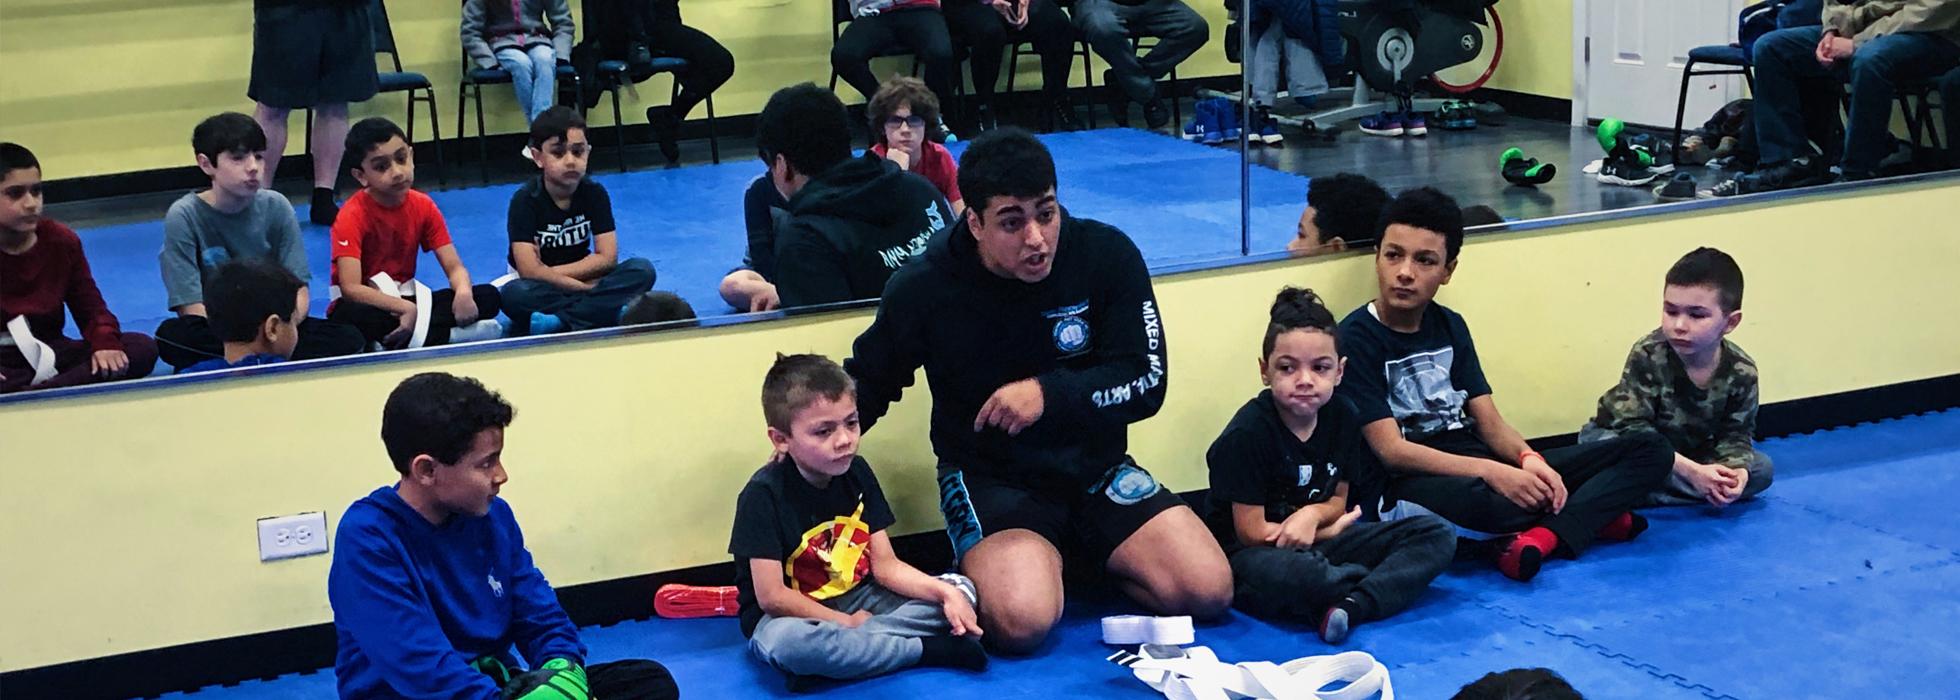 Mixed Martial Arts in Plainfield IL, Mixed Martial Arts near Romeoville IL, Mixed Martial Arts near Lockport IL, Mixed Martial Arts near Shorewood IL, Mixed Martial Arts near Crest Hill IL, Mixed Martial Arts near Joliet IL